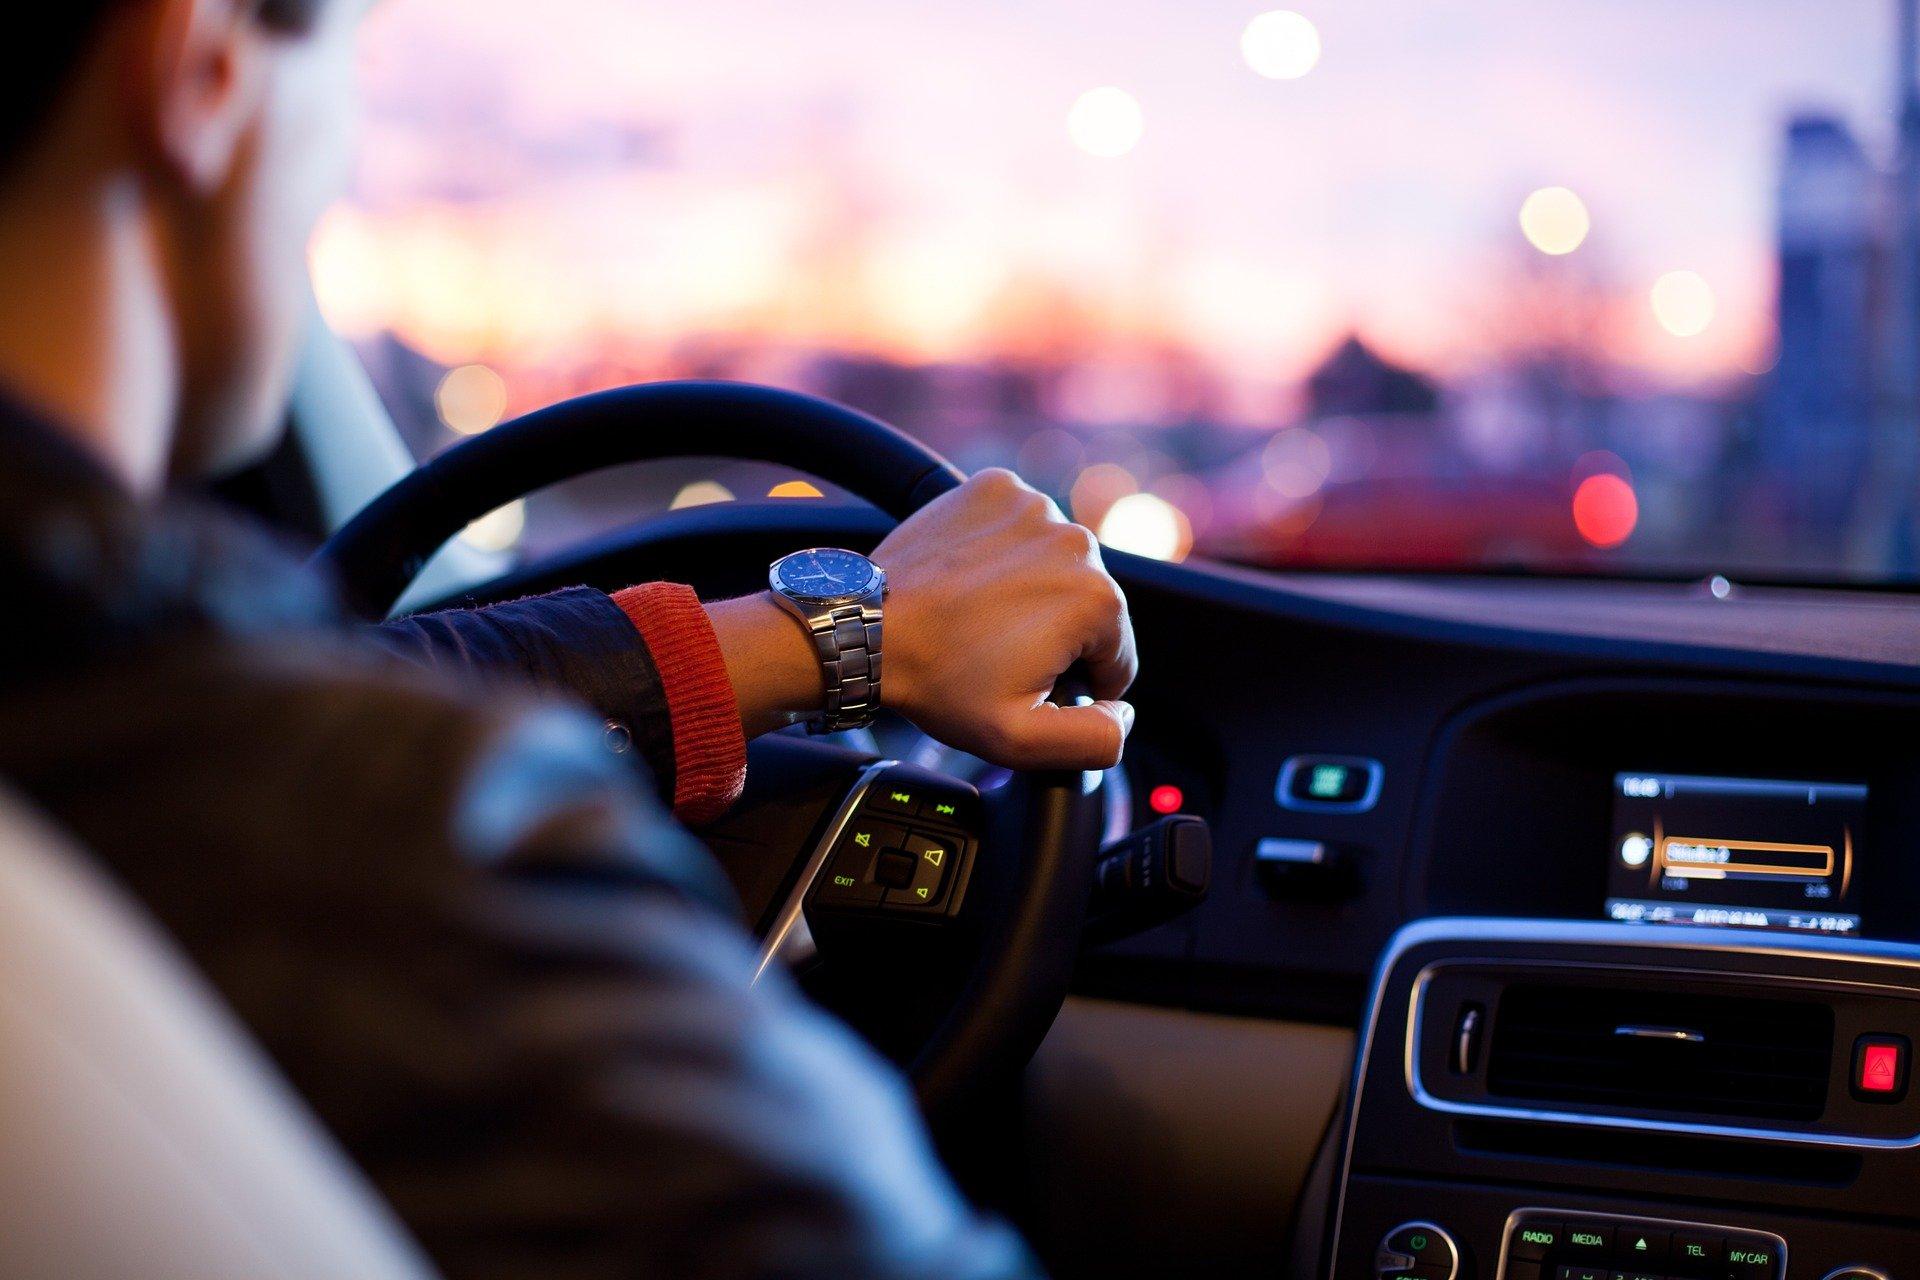 Kończy  Ci się termin ważności prawa jazdy? Jest pandemia, podpowiadamy co robić - Zdjęcie główne